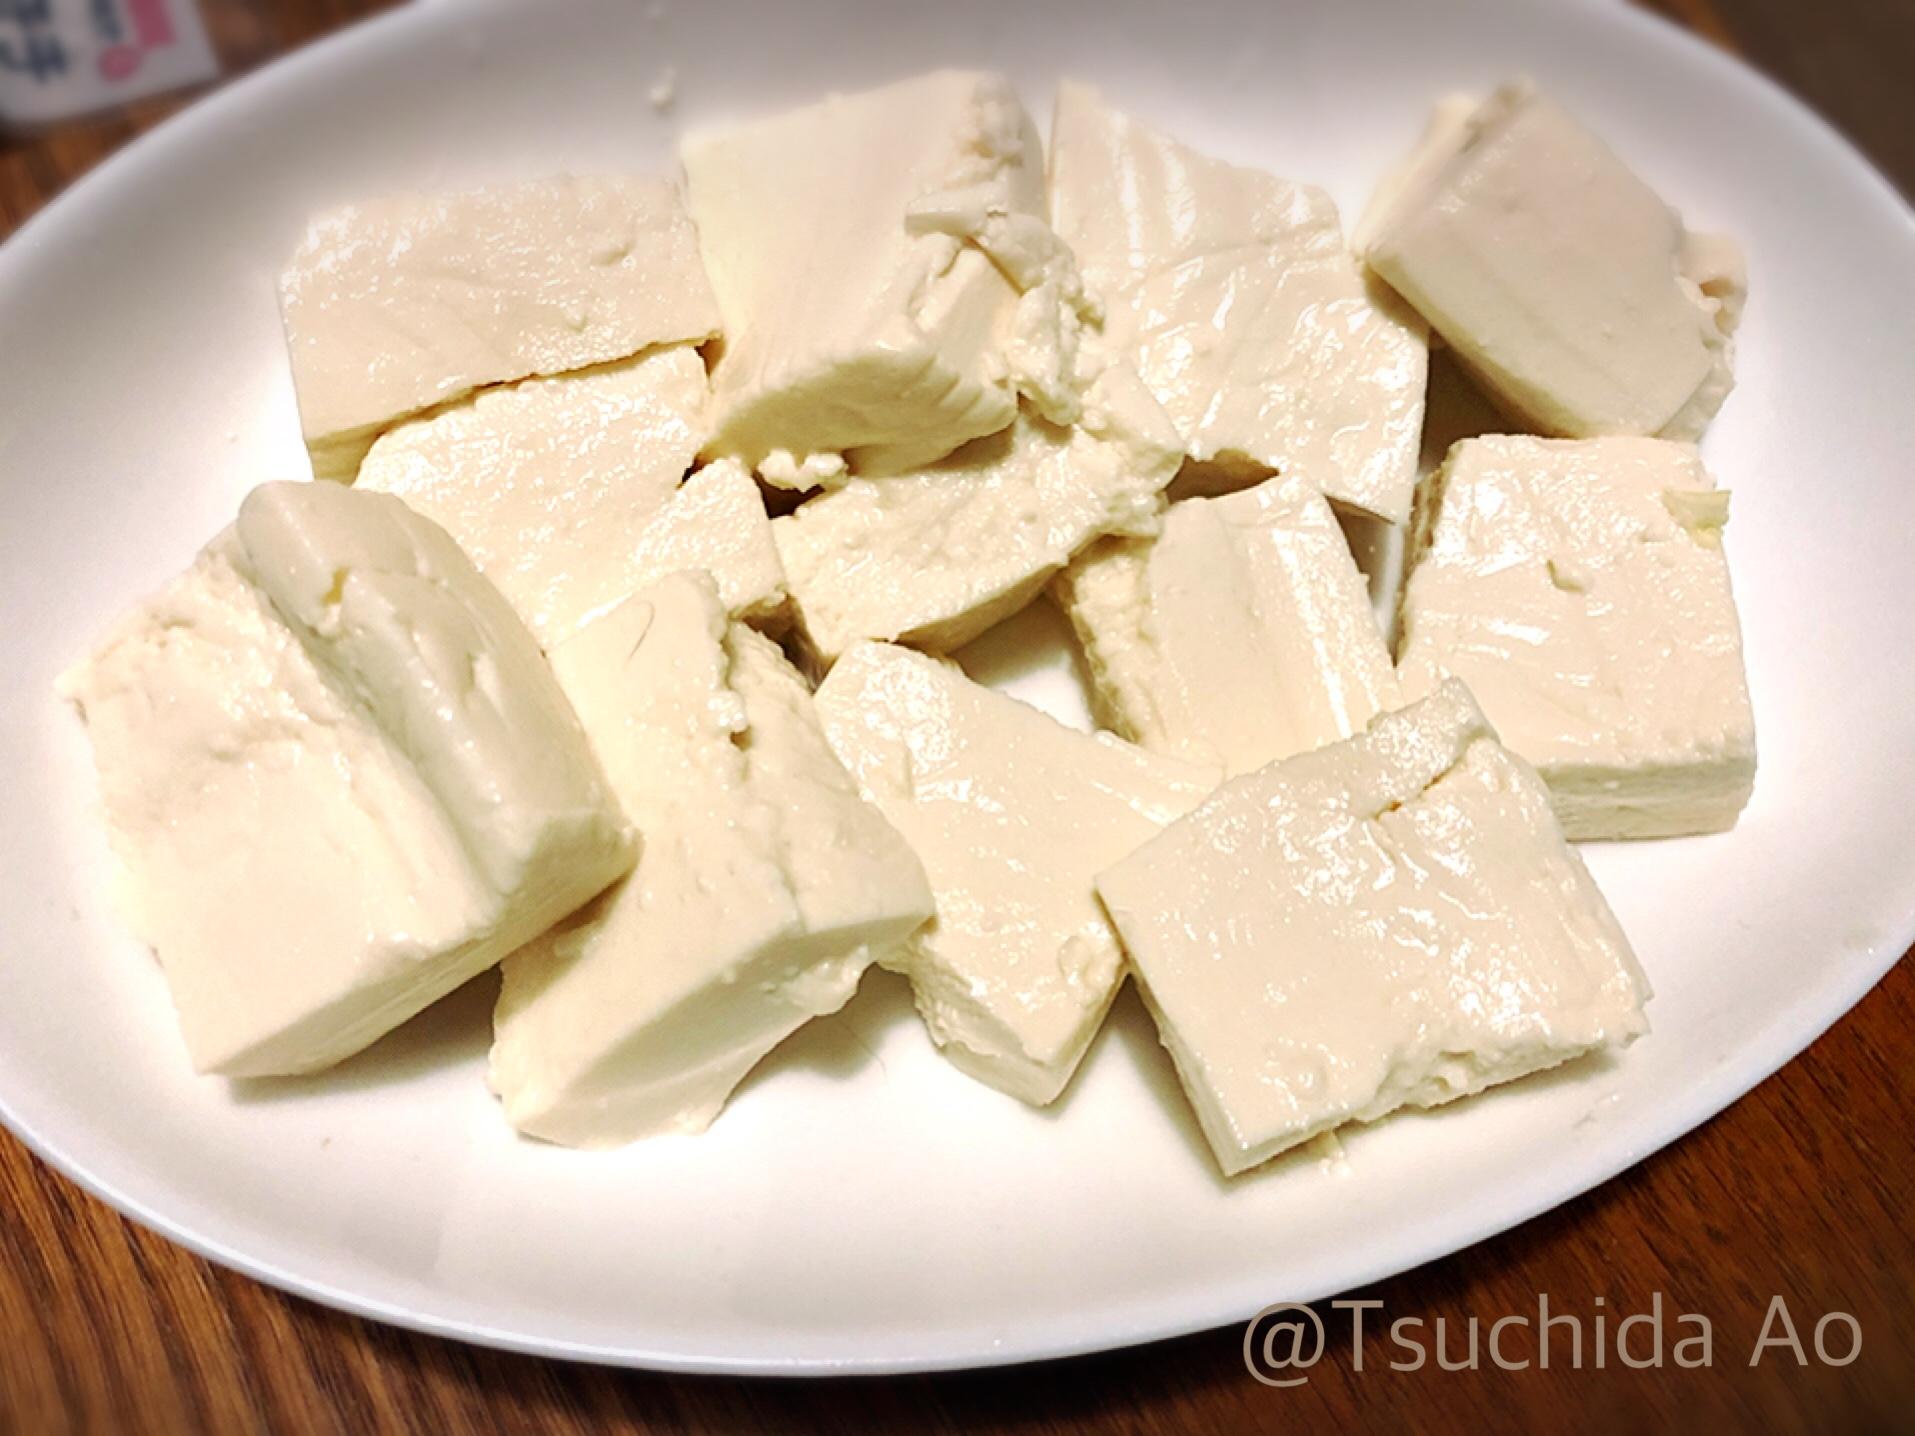 アイラップで簡単に!豆腐の塩漬け